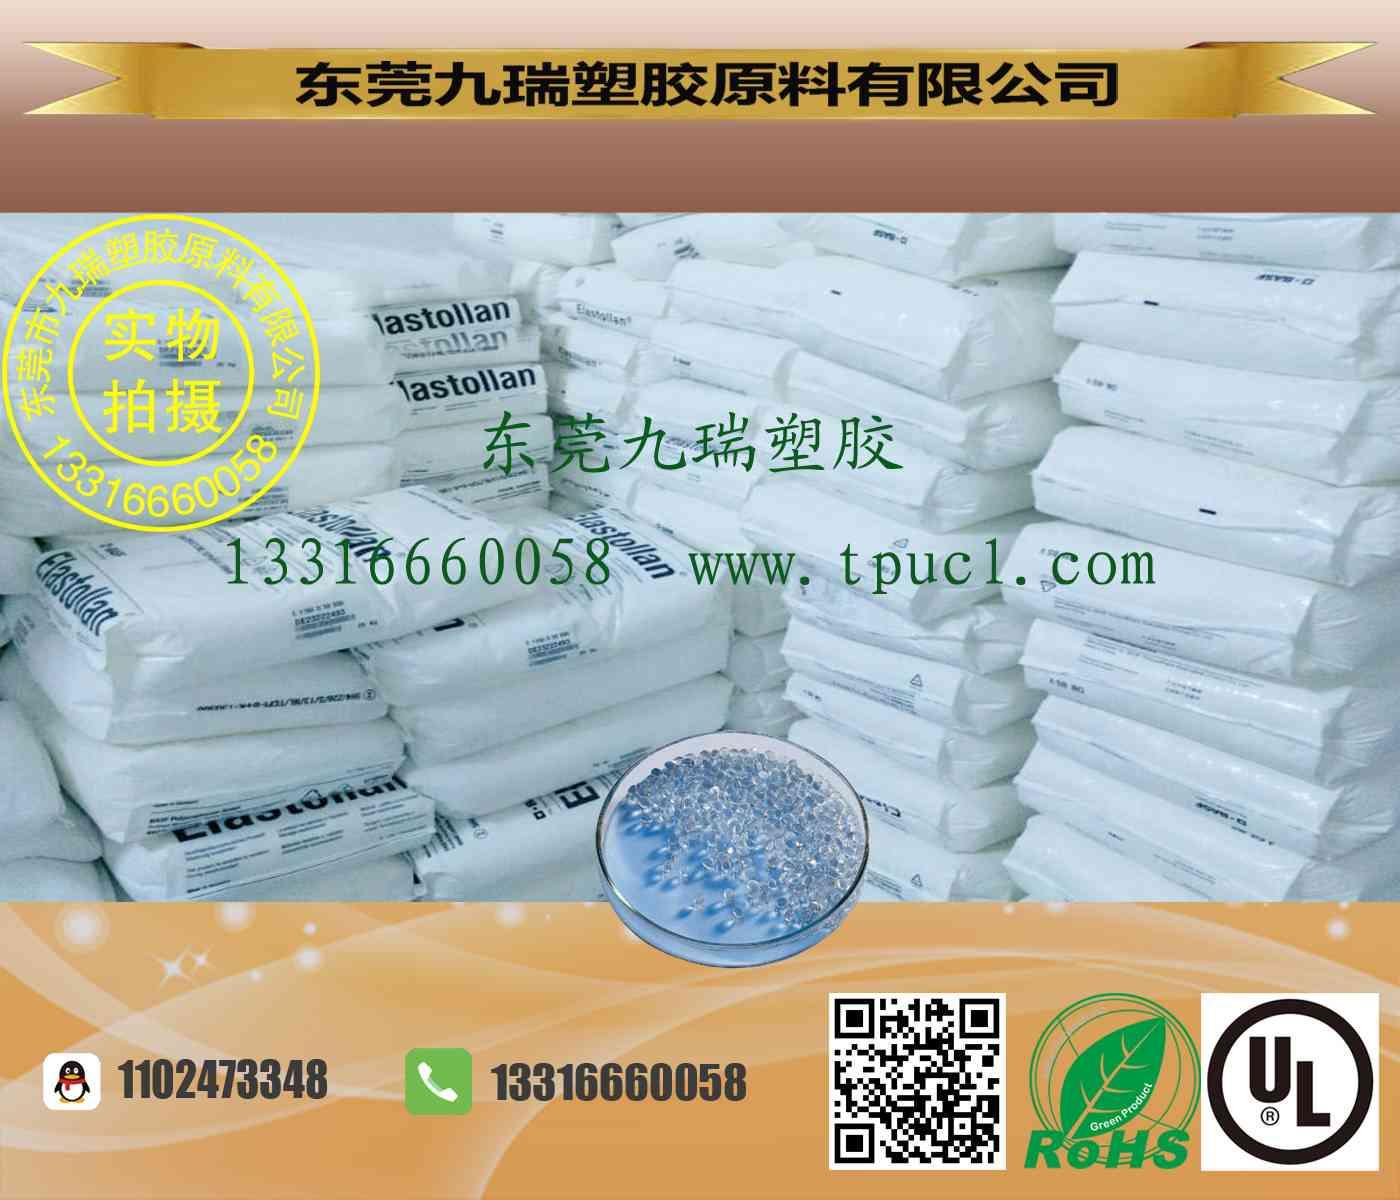 耐水耐油医用级TPU SP 806 10 000